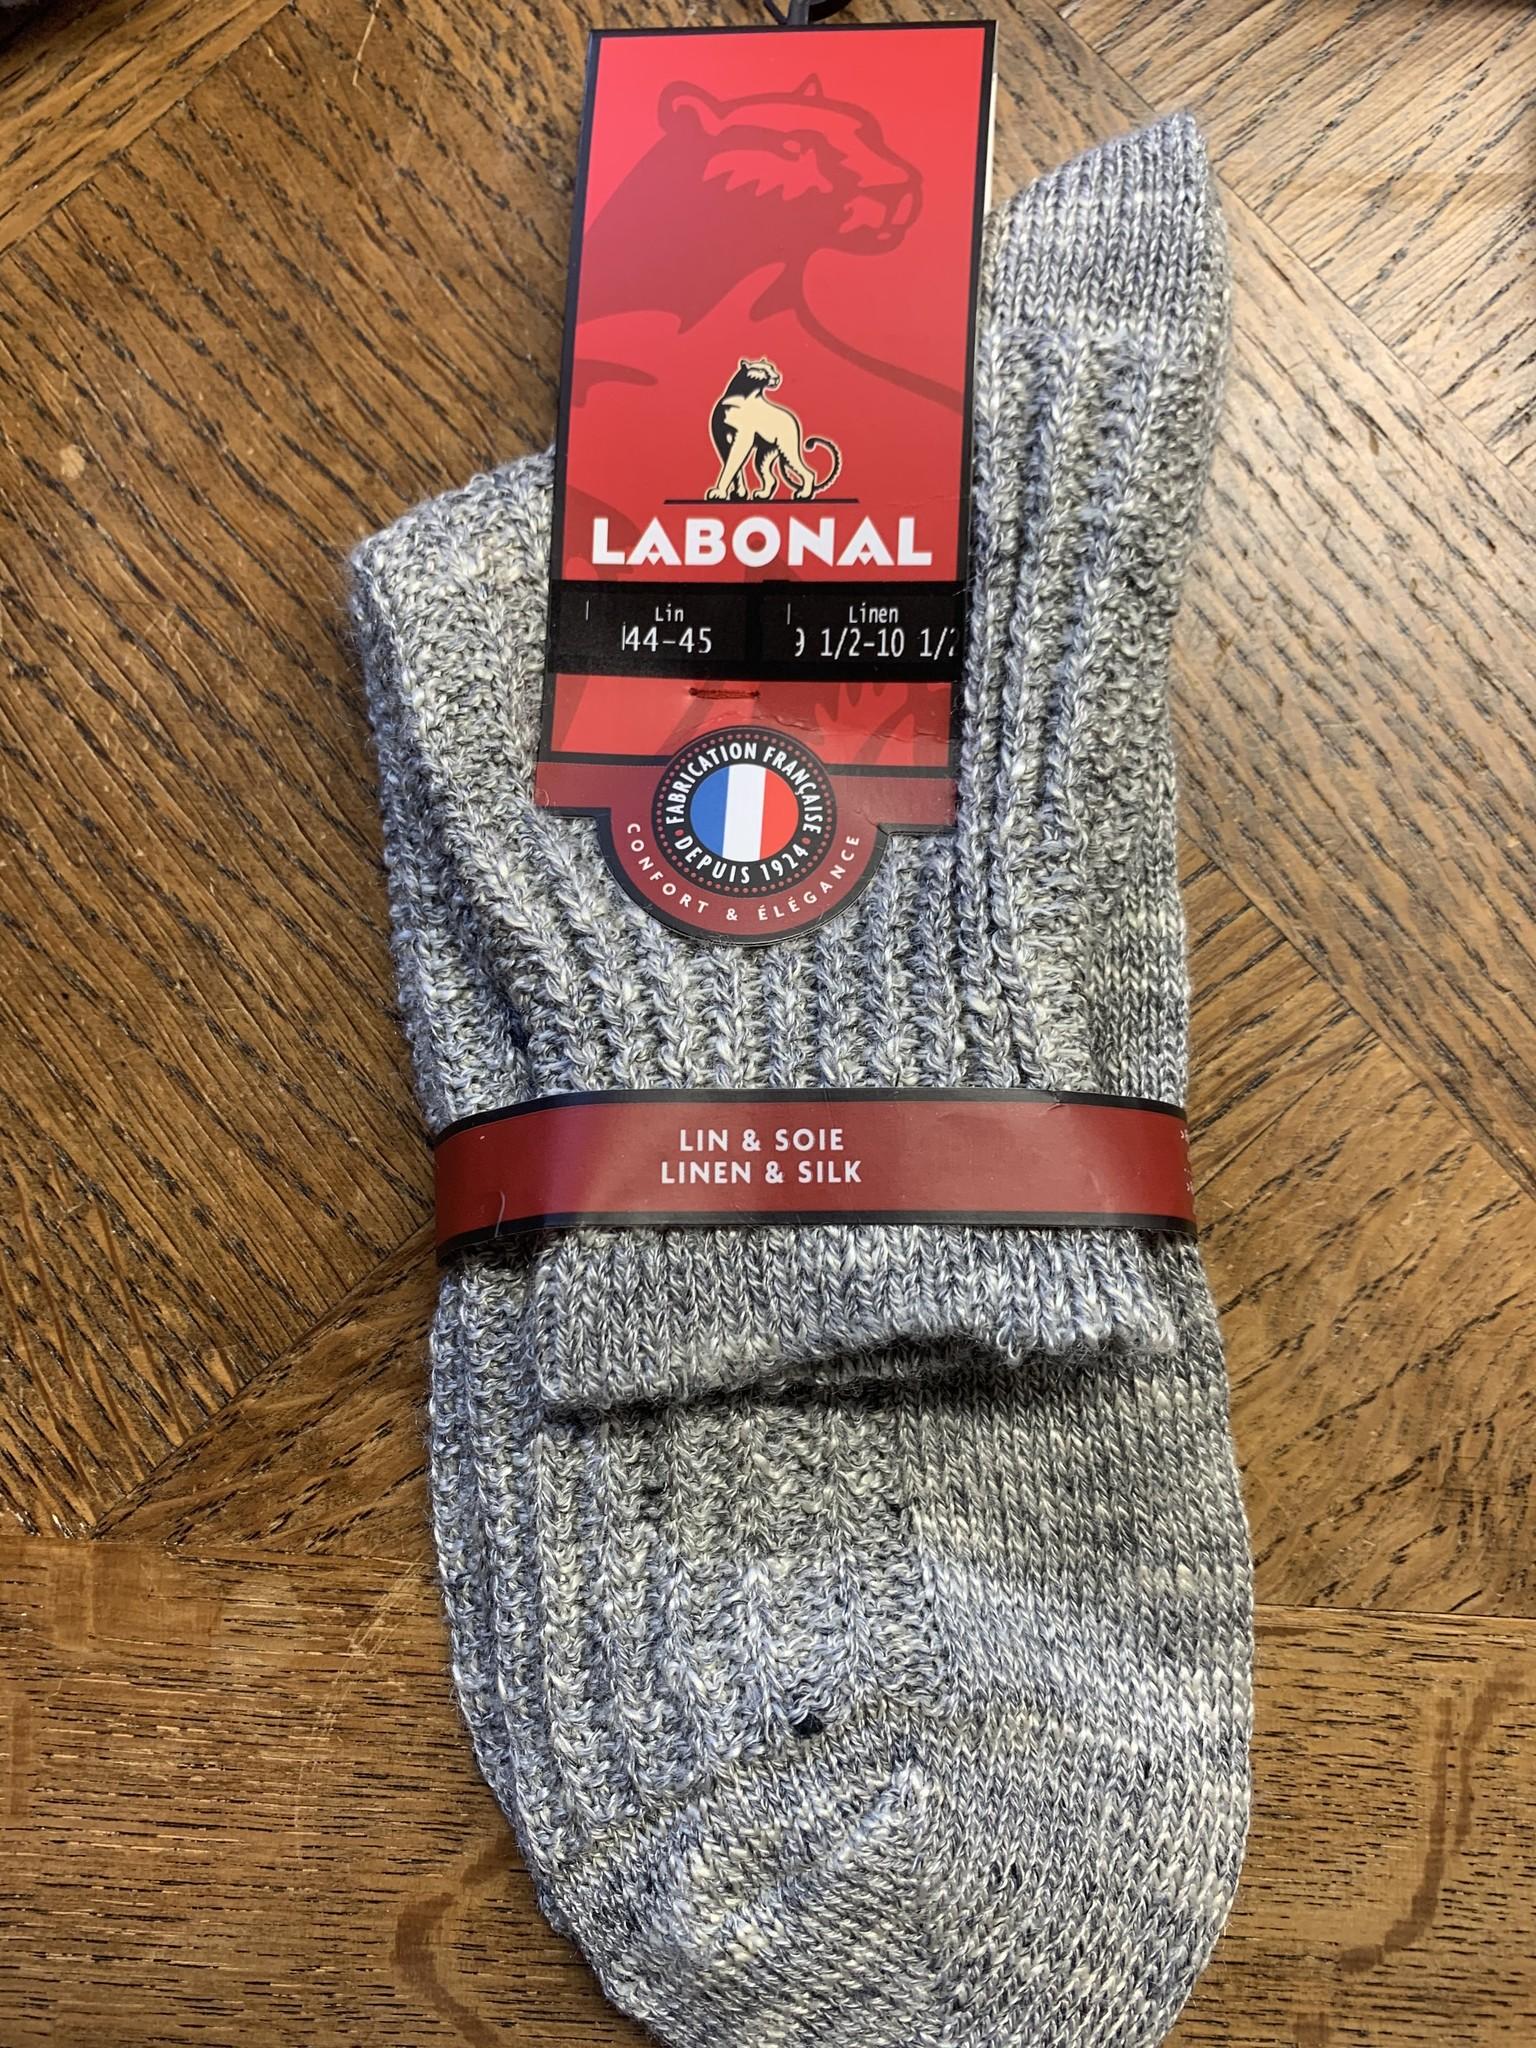 Labonal Men's sock in grey linen and silk